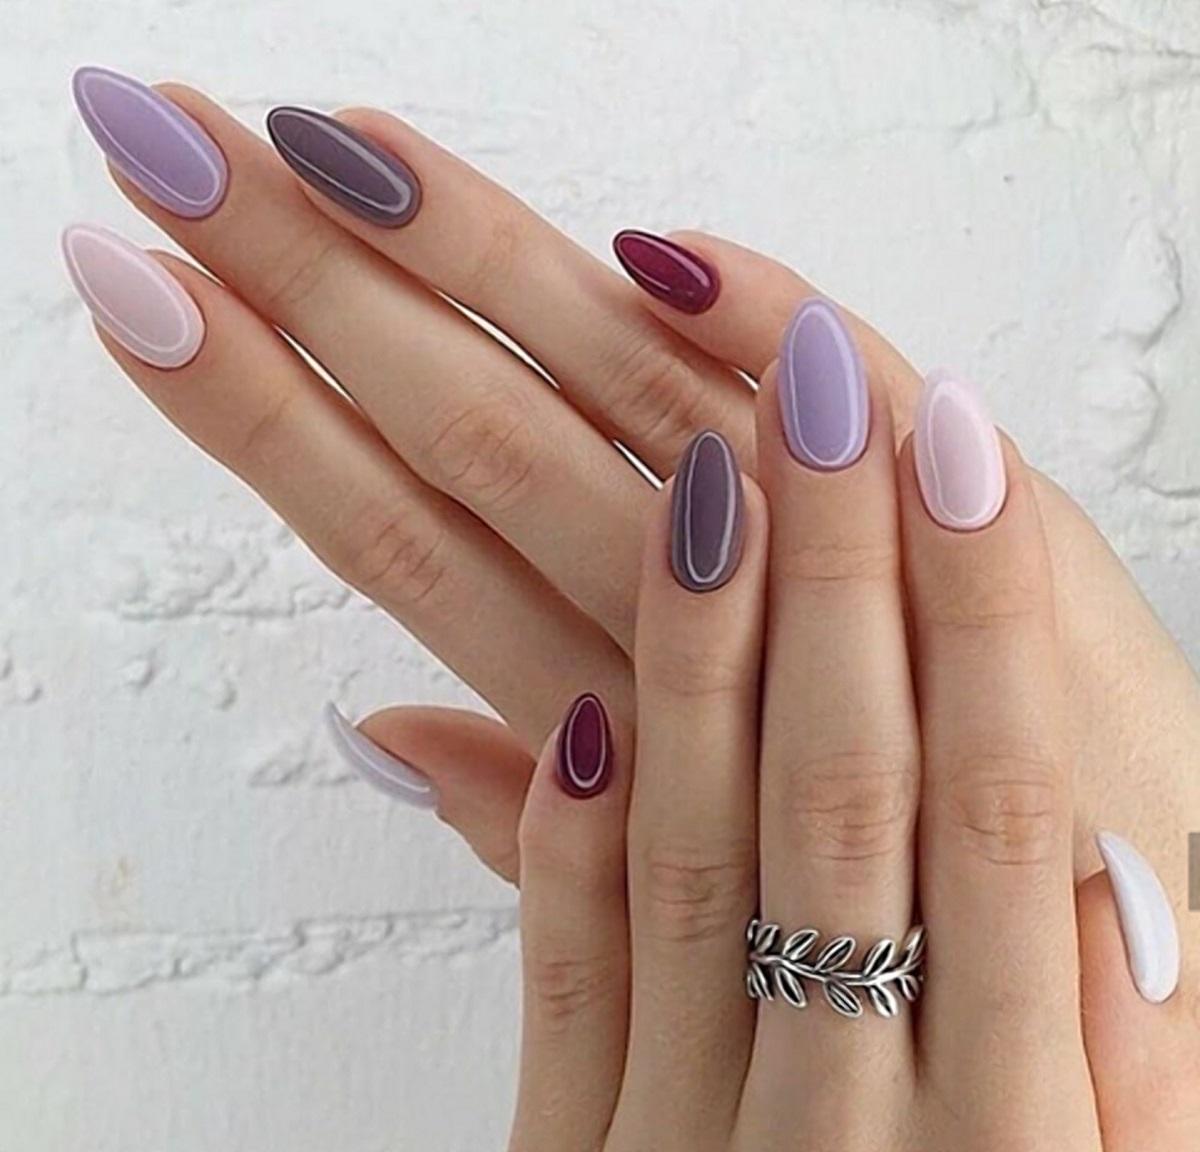 Женственный маникюр 2019 - тренд сезона: лучший дизайн ногтей от стилистов